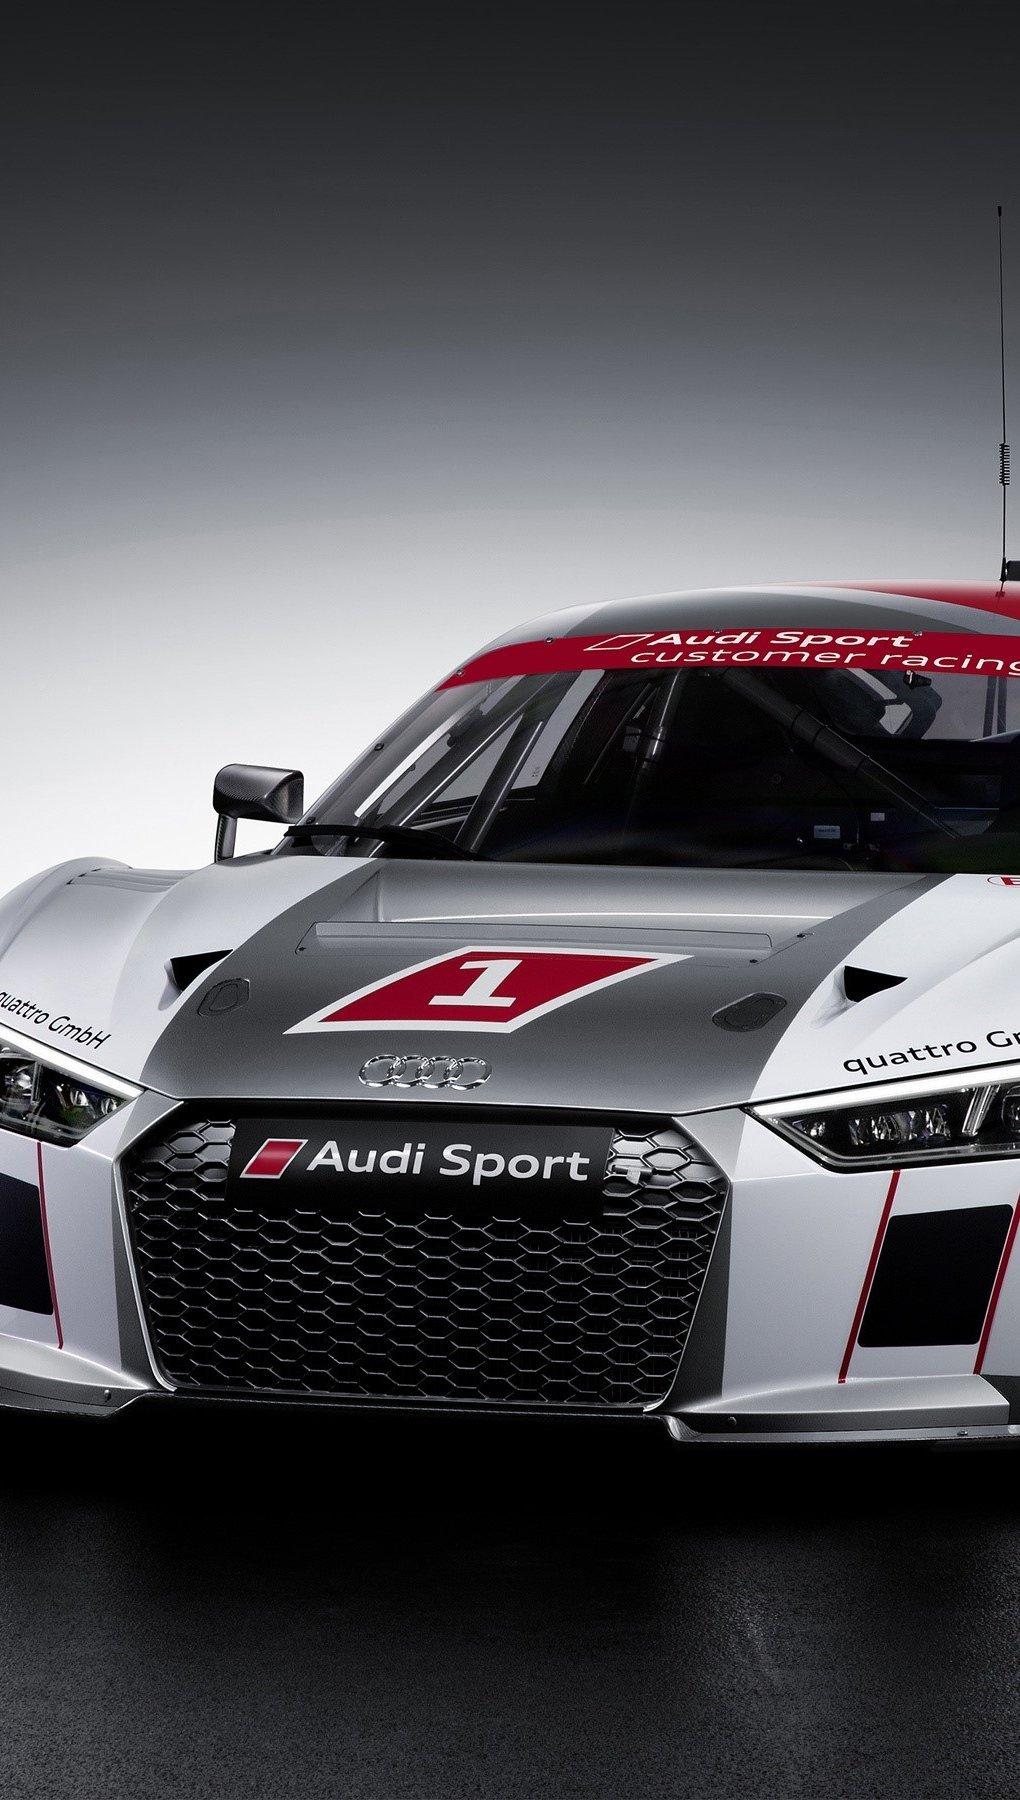 Fondos de pantalla Audi R8 LMS Vertical